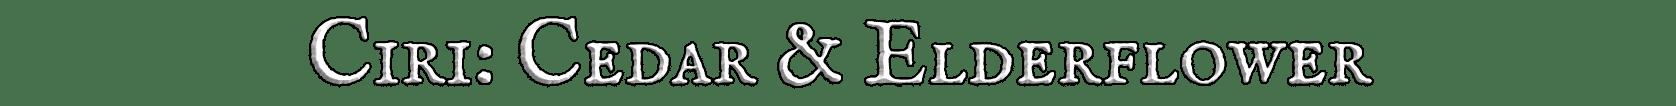 Ciri's Cedar & Elderflower